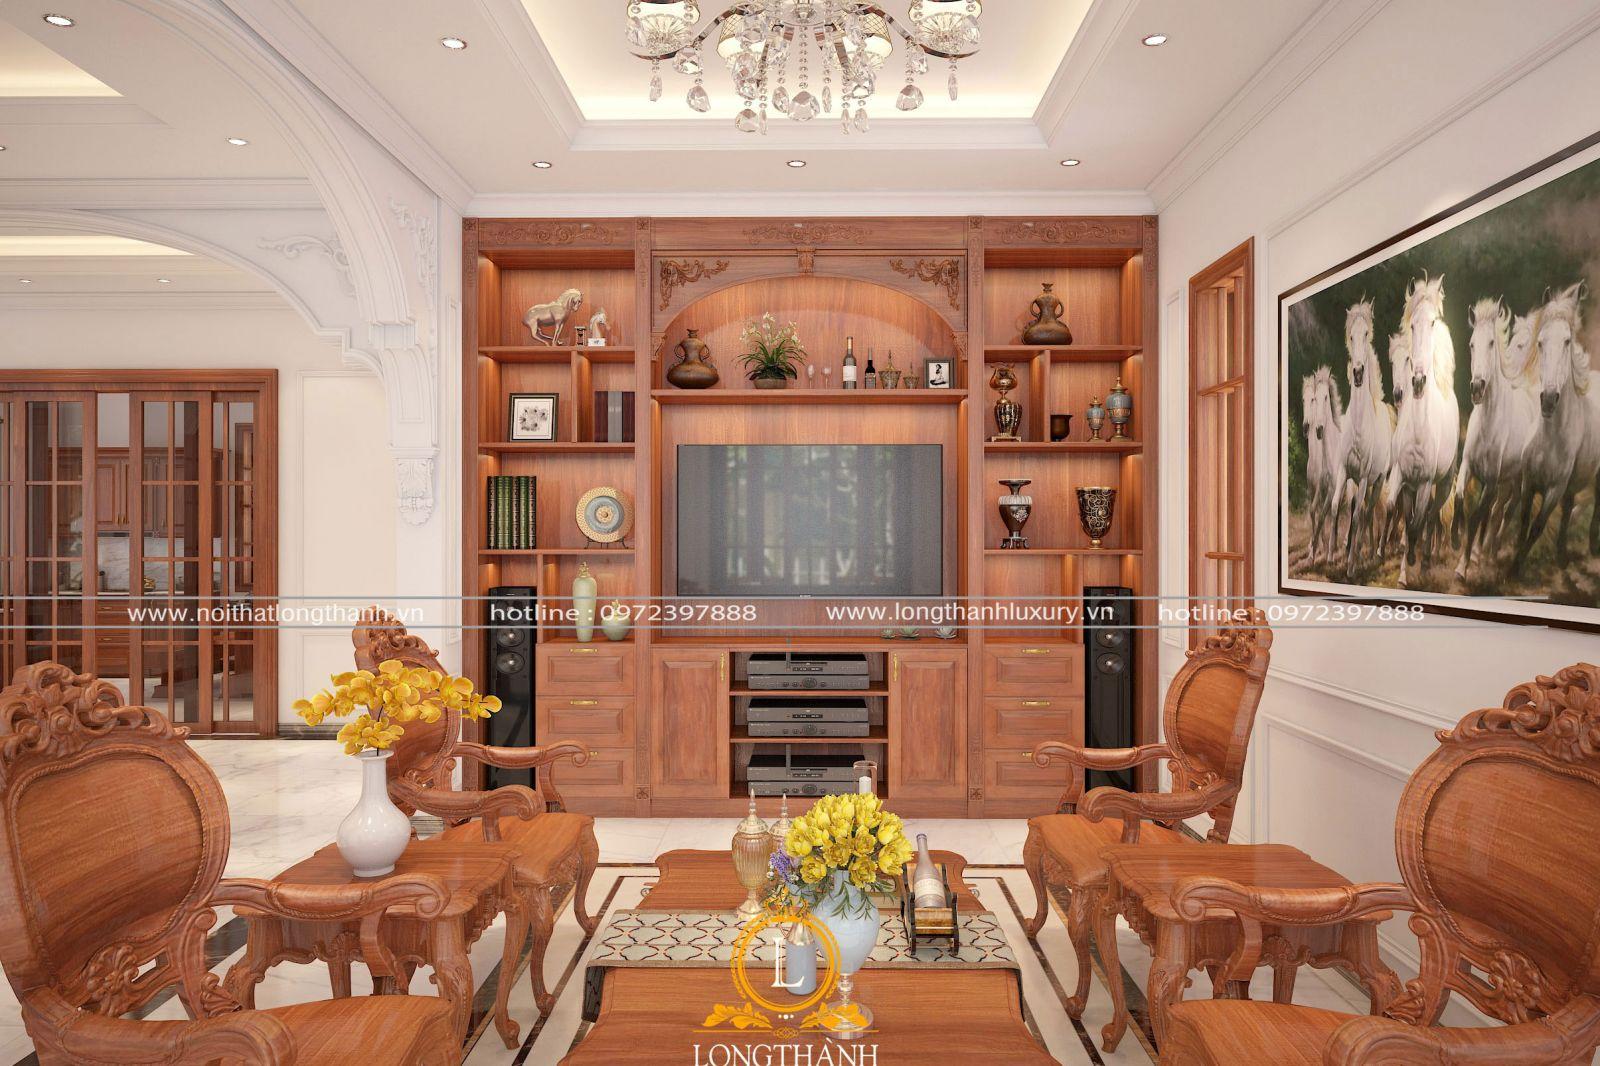 Kệ tivi kết hợp tủ trang trí cho phòng khách ấn tượng